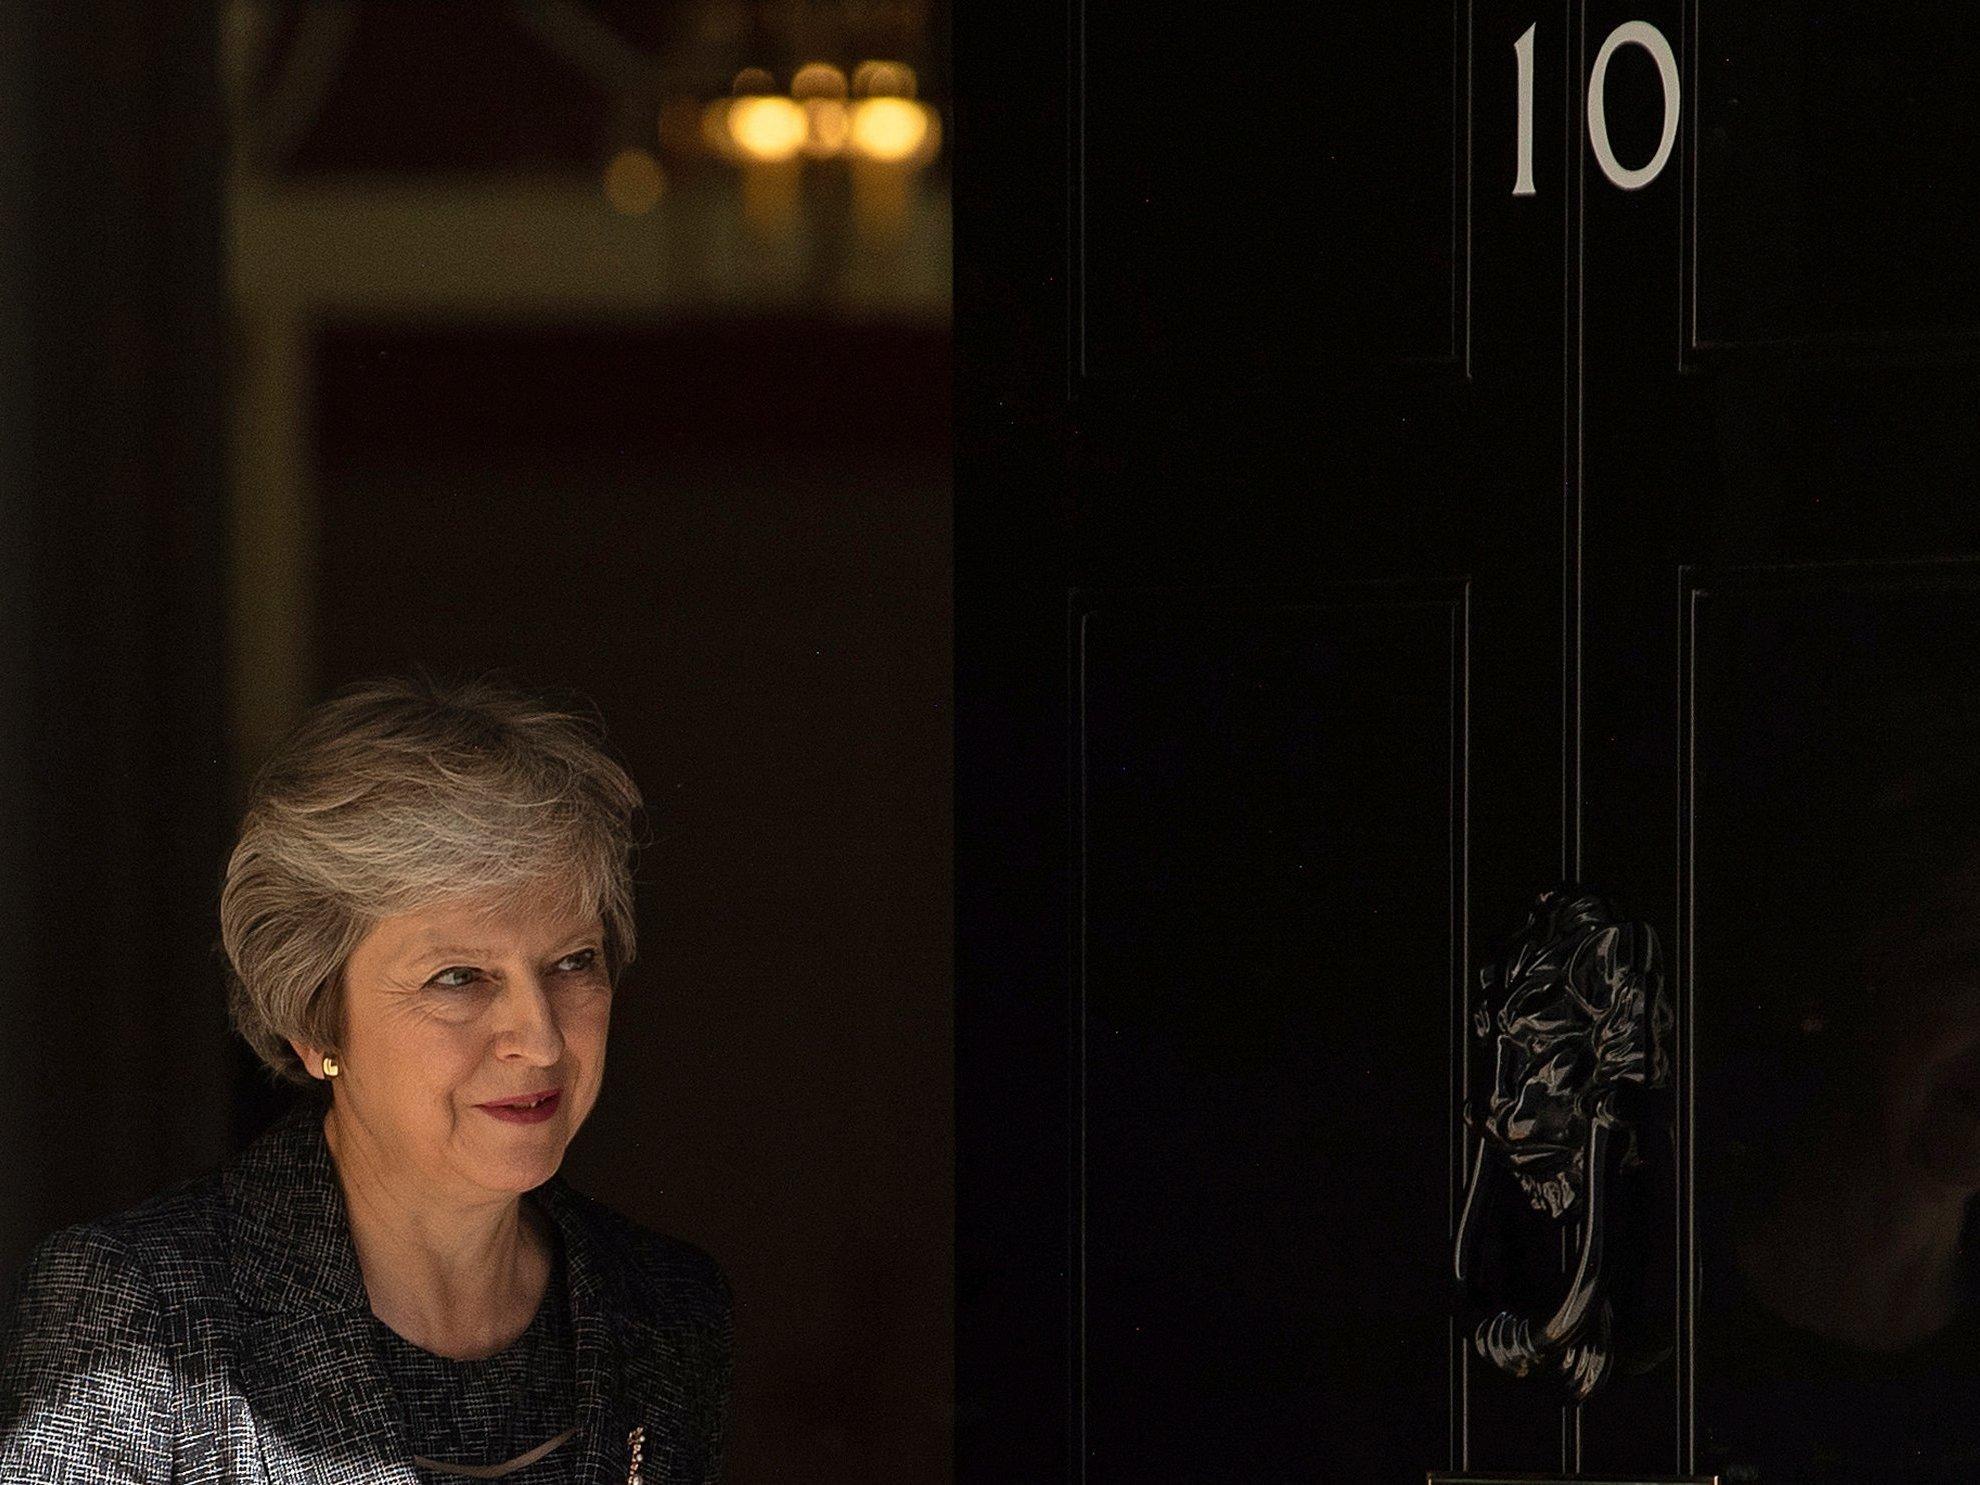 Brexit: Τι θα γίνει αν το βρετανικό κοινοβούλιο απορρίψει τη